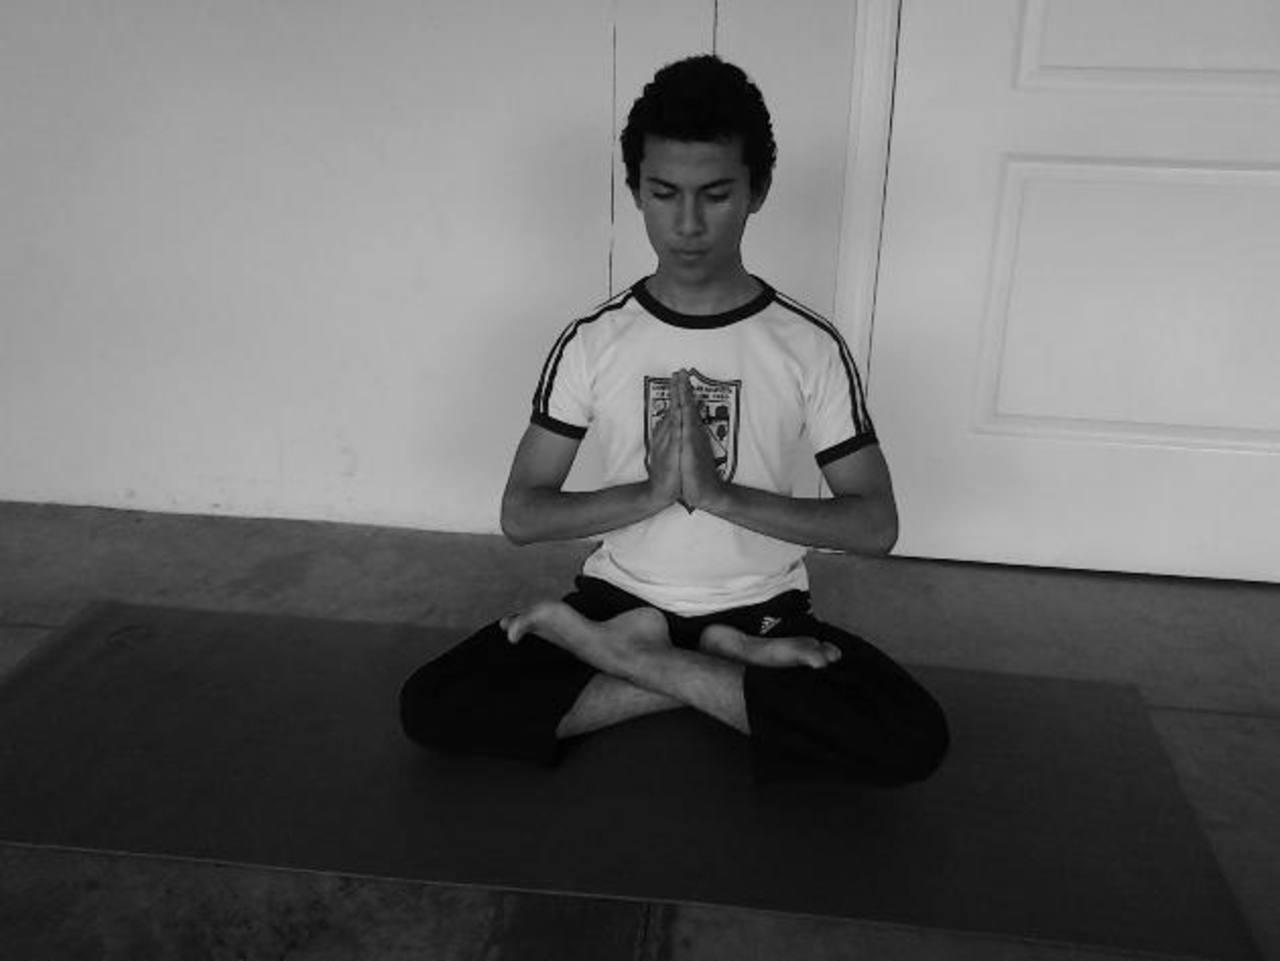 Jonathan asegura que el yoga mejoró su concentración, entre otros beneficios. Foto cortesía Jonathan BeltránFoto cortesía arturo heymans